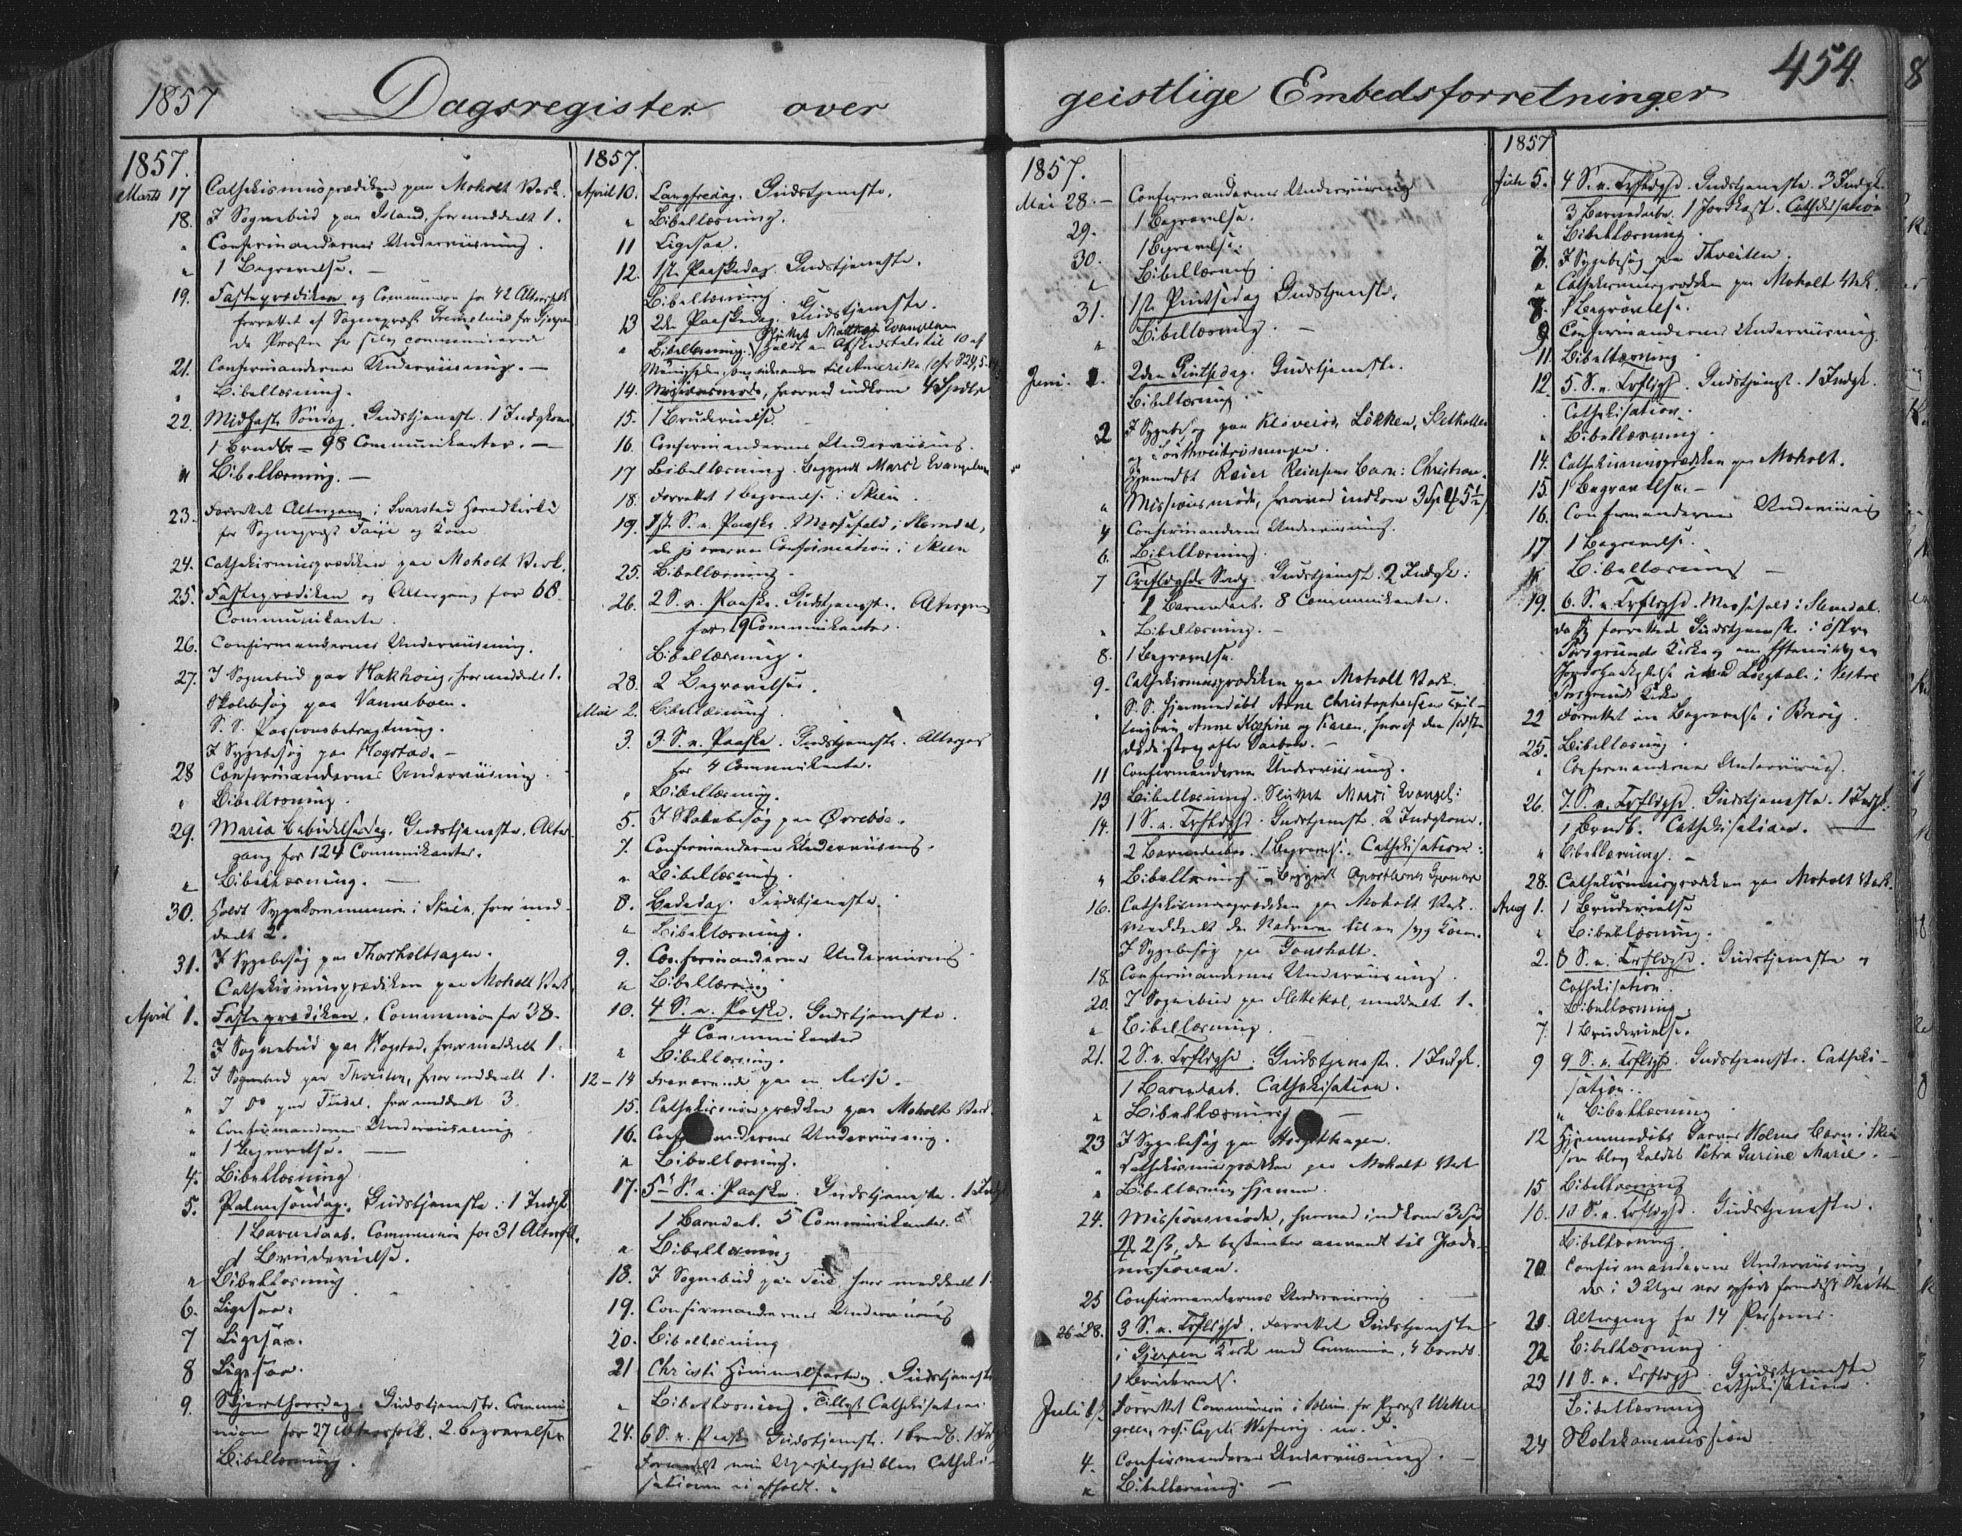 SAKO, Siljan kirkebøker, F/Fa/L0001: Ministerialbok nr. 1, 1831-1870, s. 454